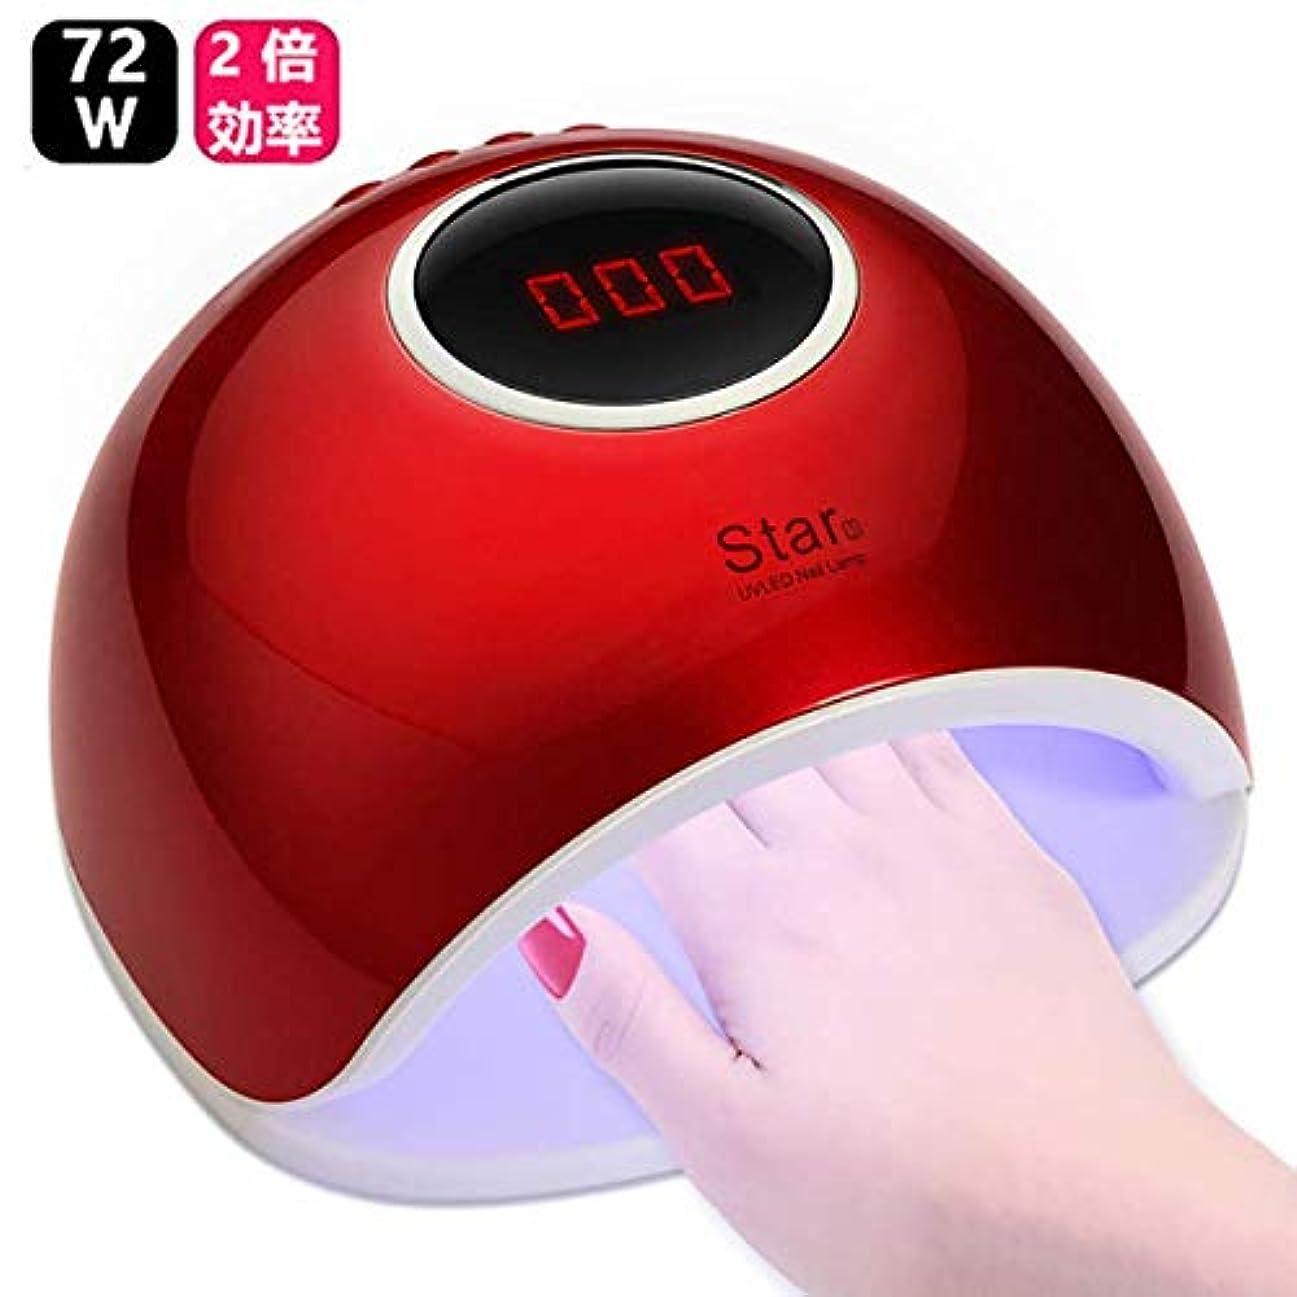 協力手綱抑圧UV LEDネイルドライヤー 赤外線検知 72W2倍の効率 赤外線美白機能付き マニキュア用 4段階タイマー設定可能 手足兼用 (レッド)